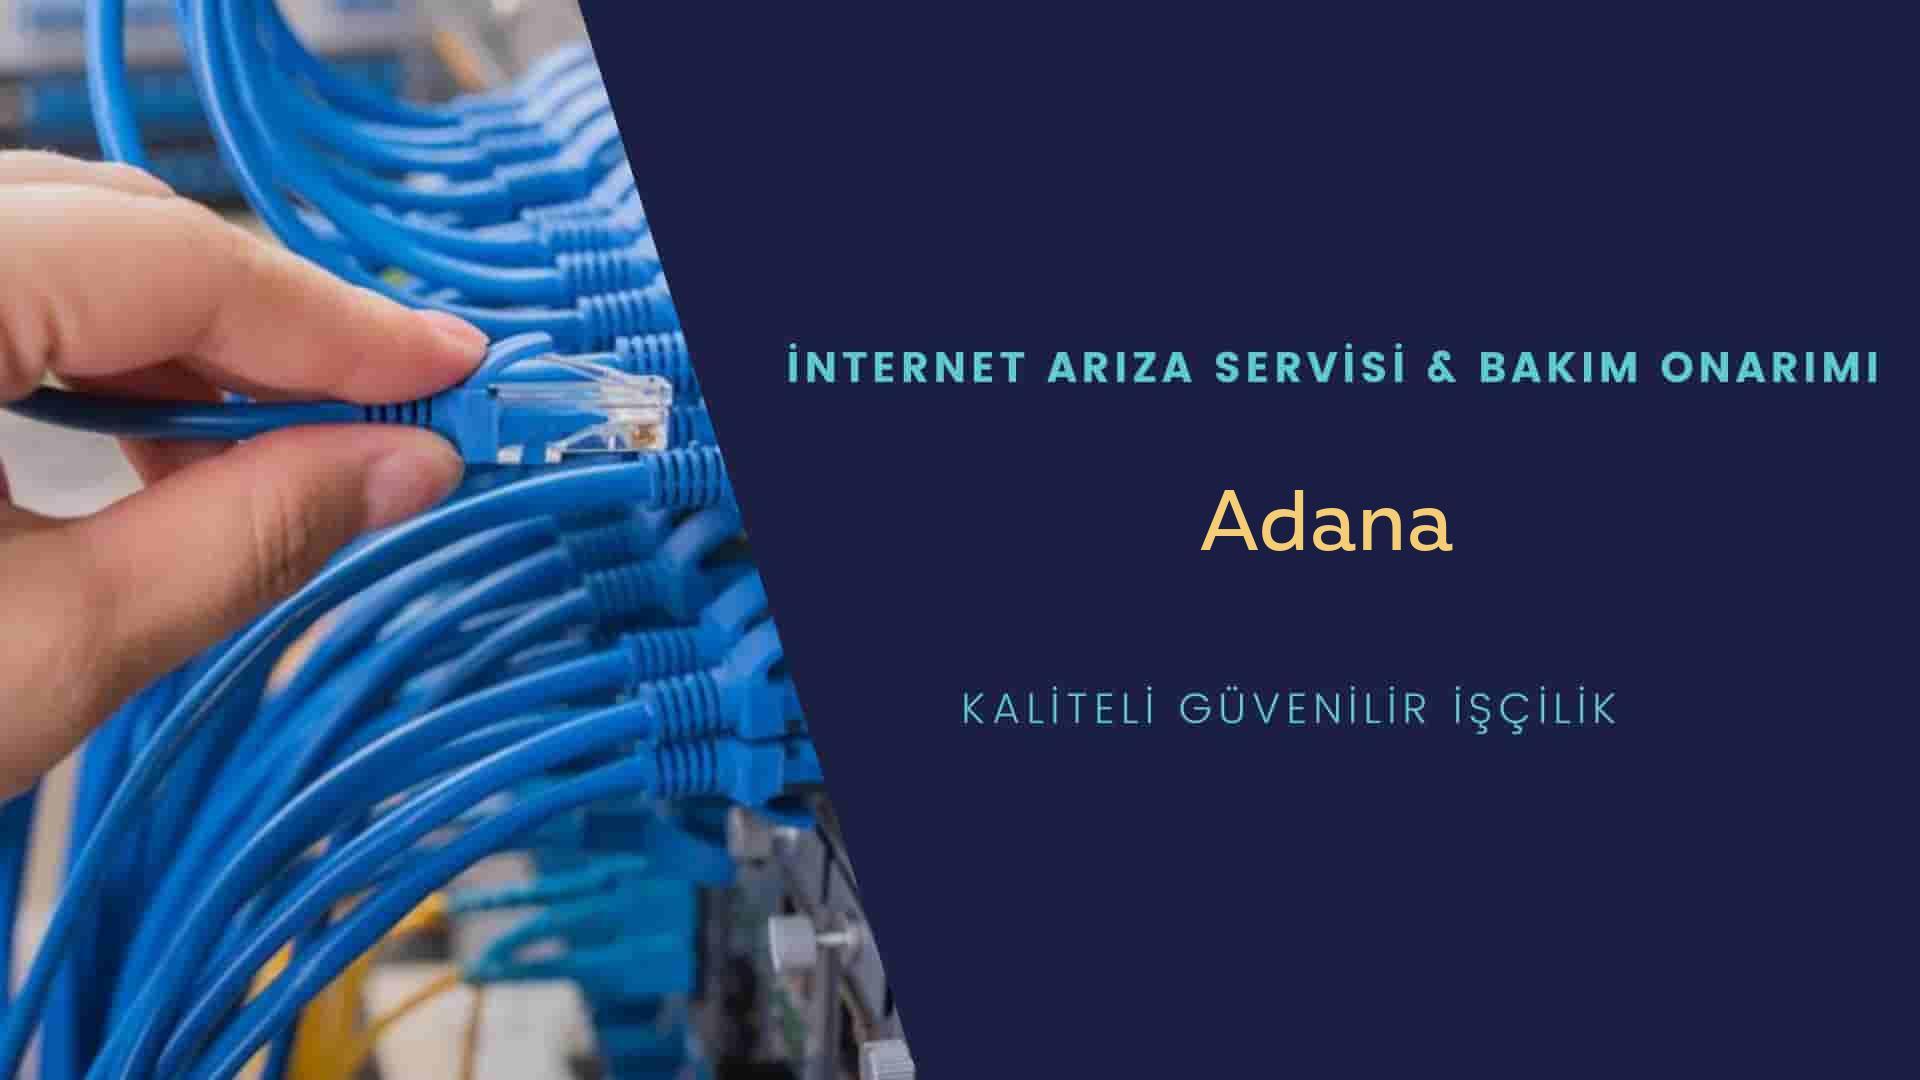 Adana internet kablosu çekimi yapan yerler veya elektrikçiler mi? arıyorsunuz doğru yerdesiniz o zaman sizlere 7/24 yardımcı olacak profesyonel ustalarımız bir telefon kadar yakındır size.